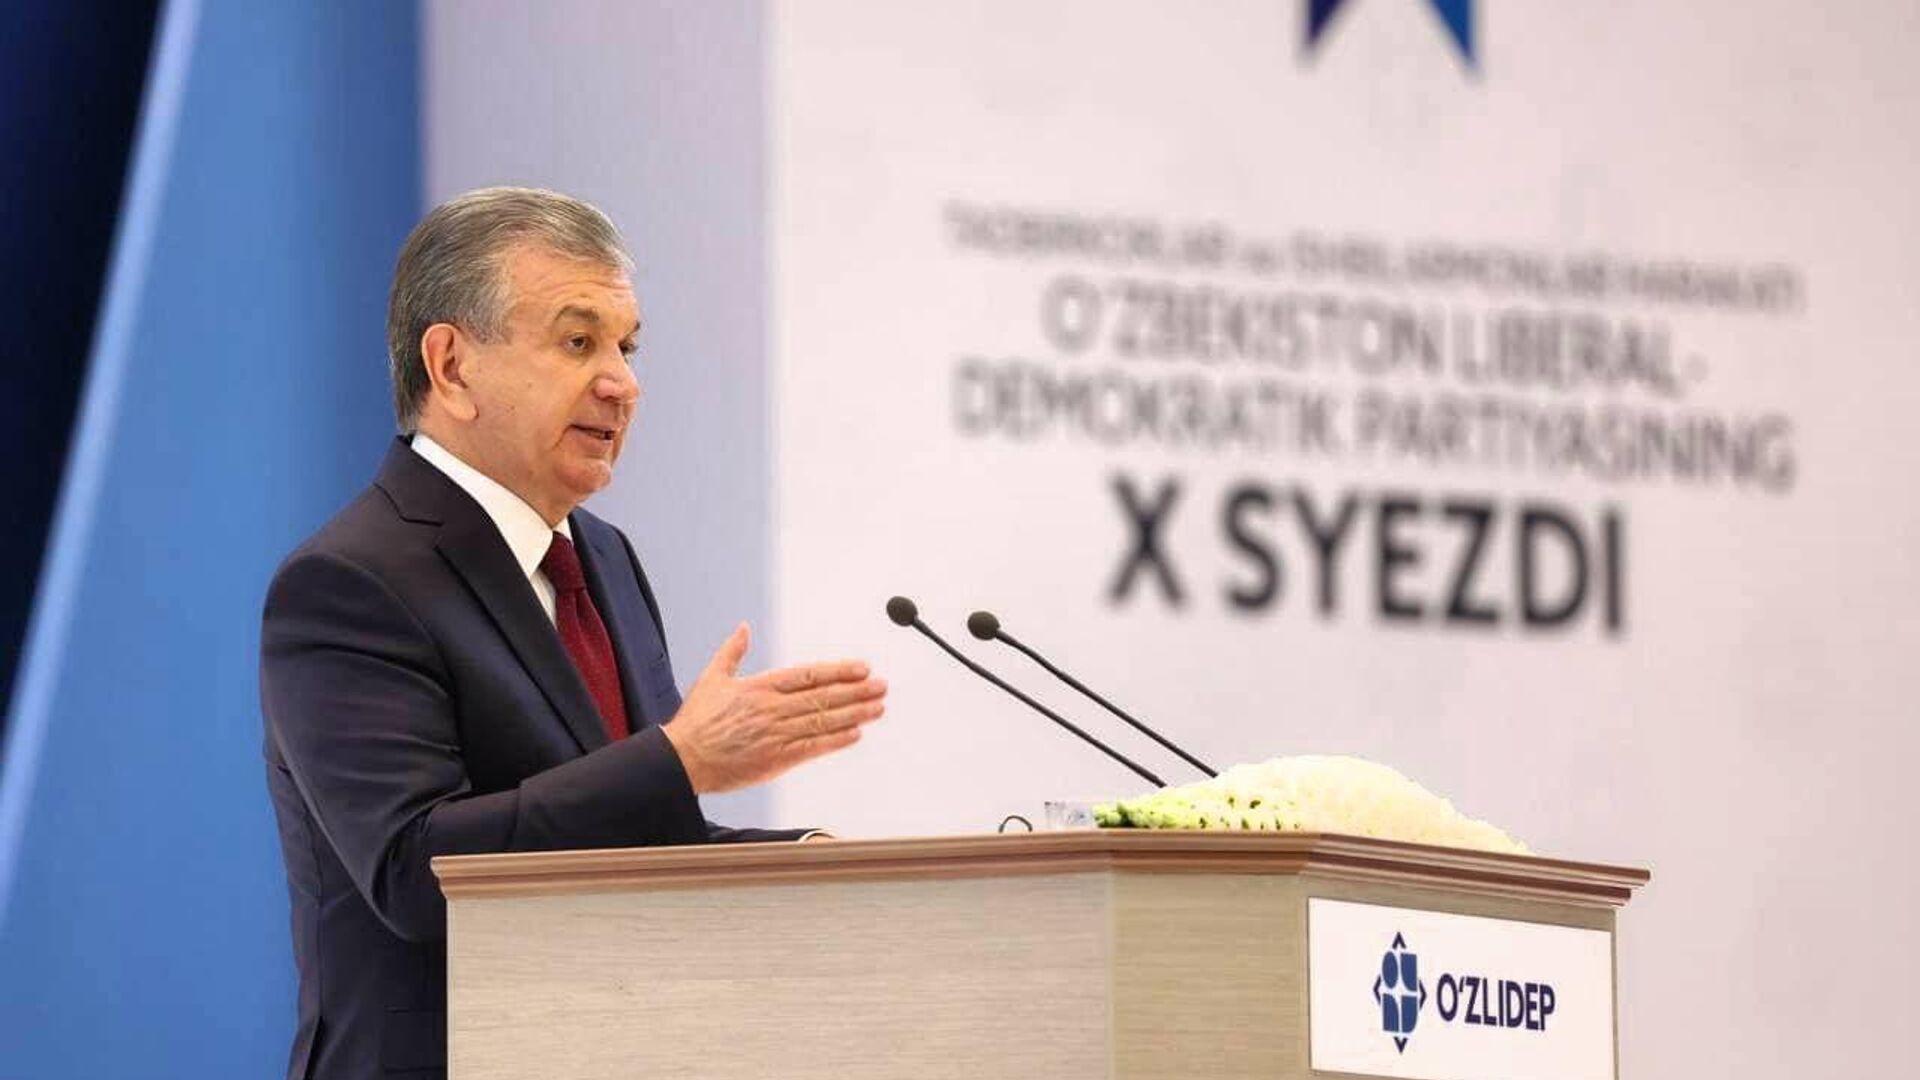 Шавкат Мирзиёев выступает на съезде Либерально-демократической партии Узбекистана - Sputnik Узбекистан, 1920, 09.09.2021